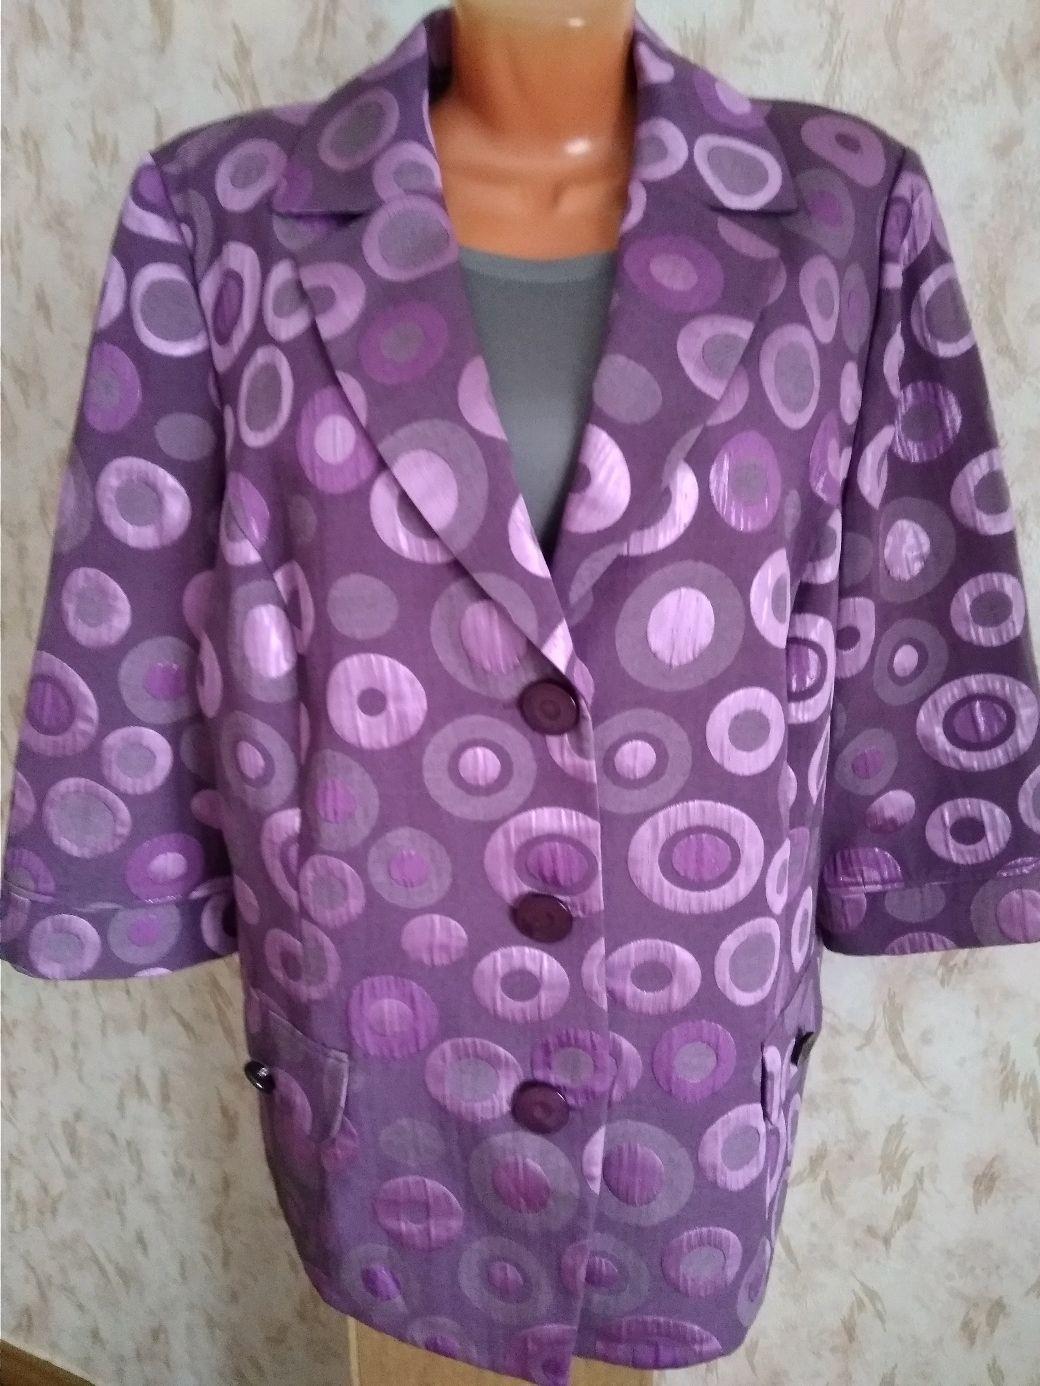 Винтаж: Жакет из ткани с хлопком 56 размер, Германия, Одежда винтажная, Фирово,  Фото №1